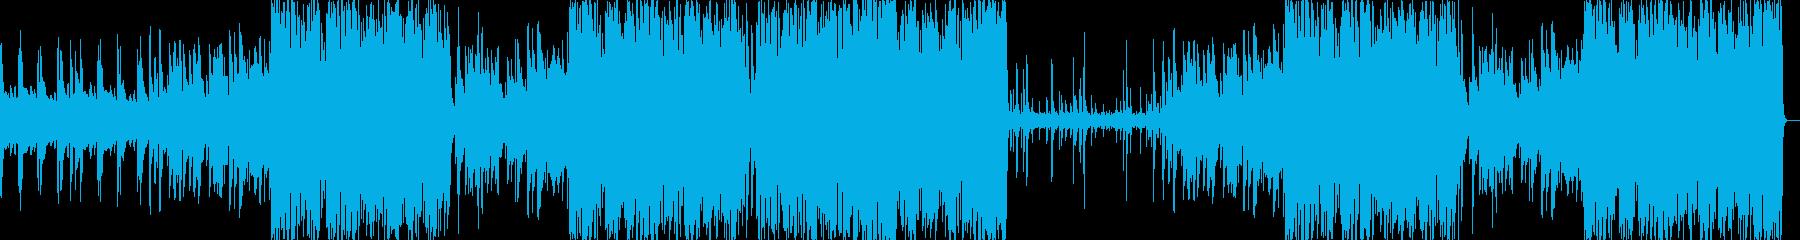 ピアノ曲のジャズアレンジ版の再生済みの波形